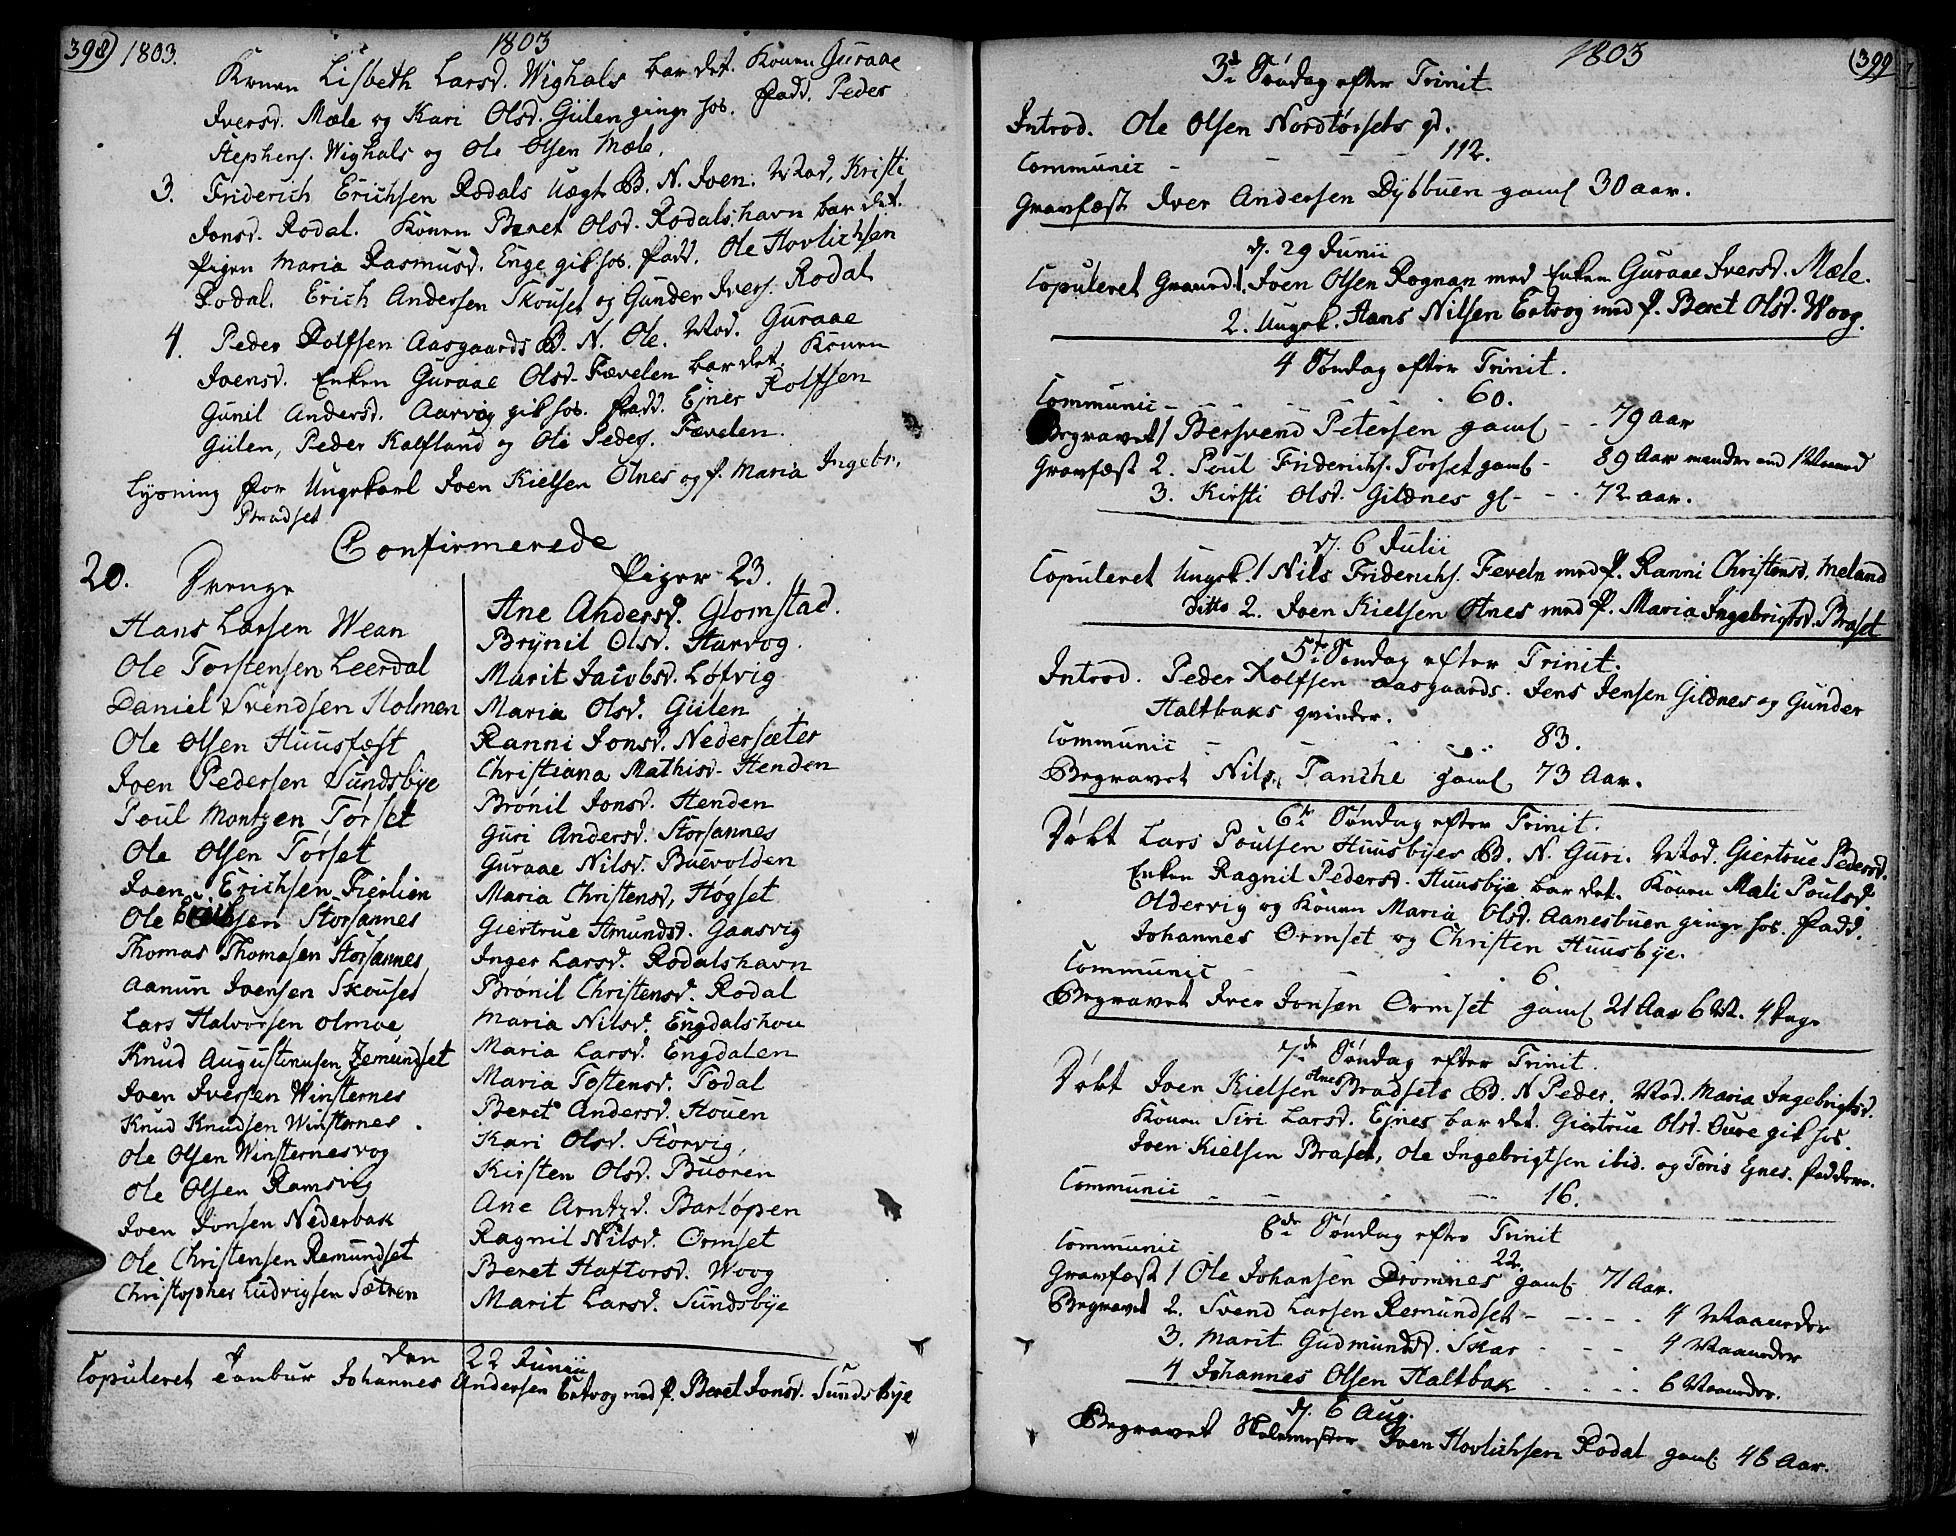 SAT, Ministerialprotokoller, klokkerbøker og fødselsregistre - Møre og Romsdal, 578/L0902: Ministerialbok nr. 578A01, 1772-1819, s. 398-399